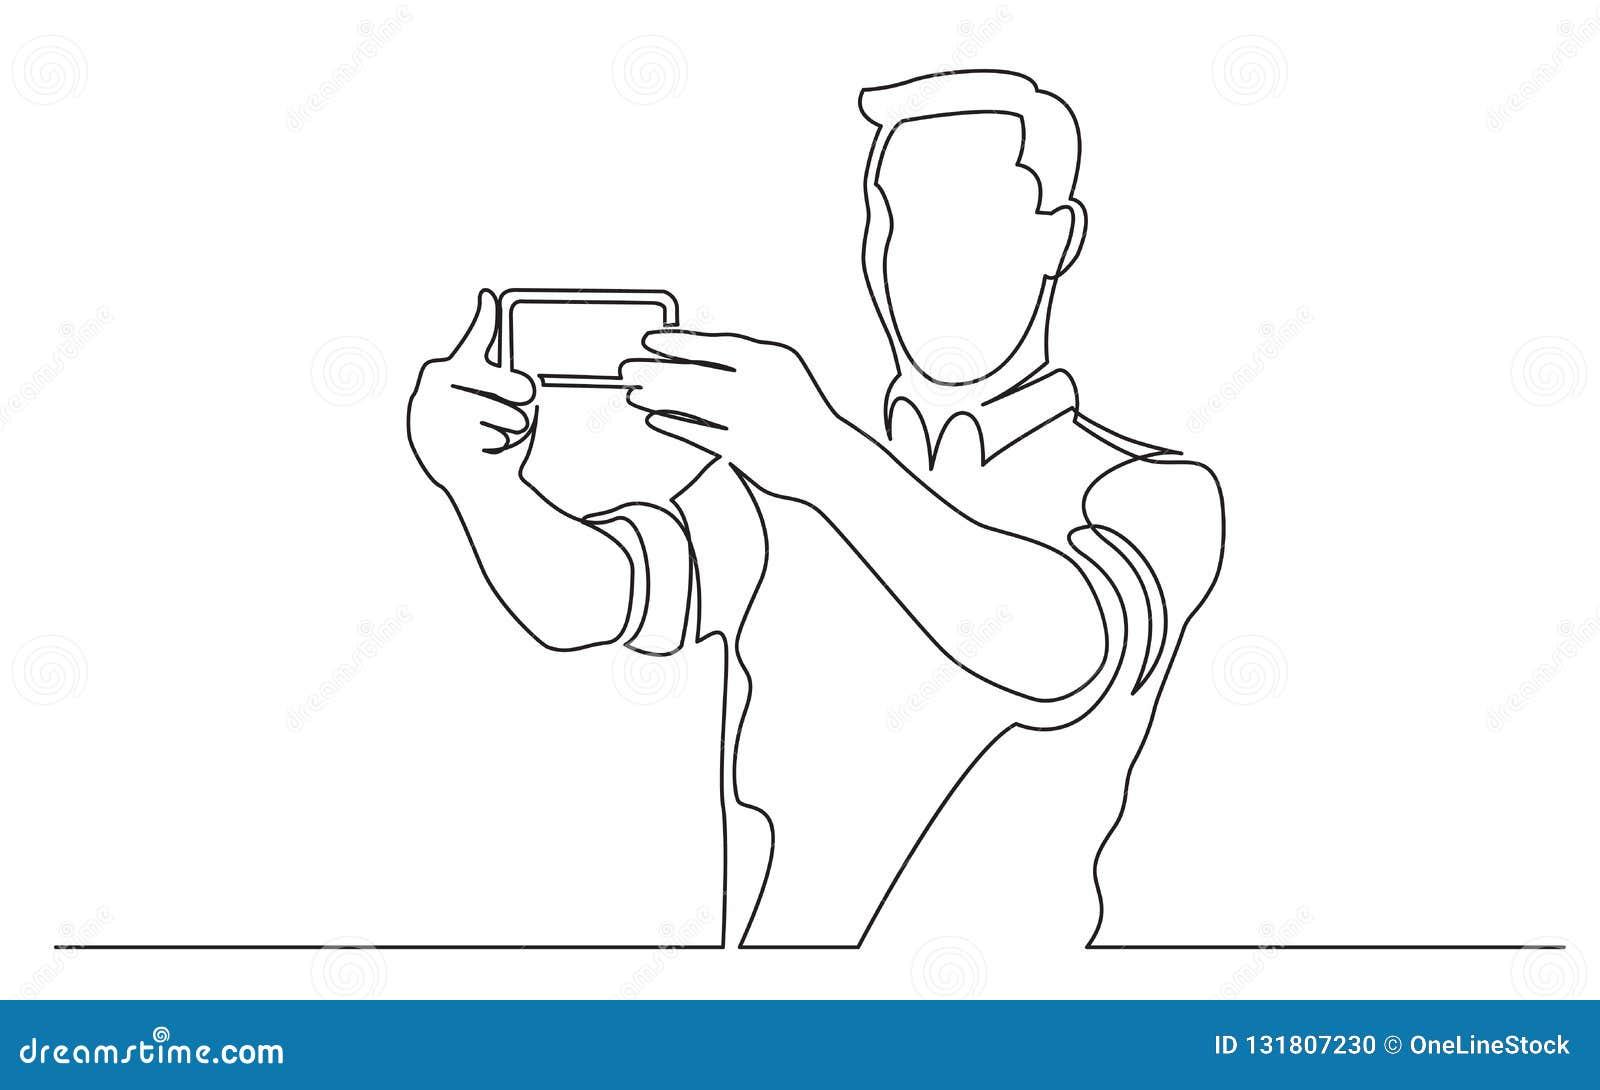 Disegno a tratteggio continuo dell uomo stante che fa selfie con il suo telefono cellulare